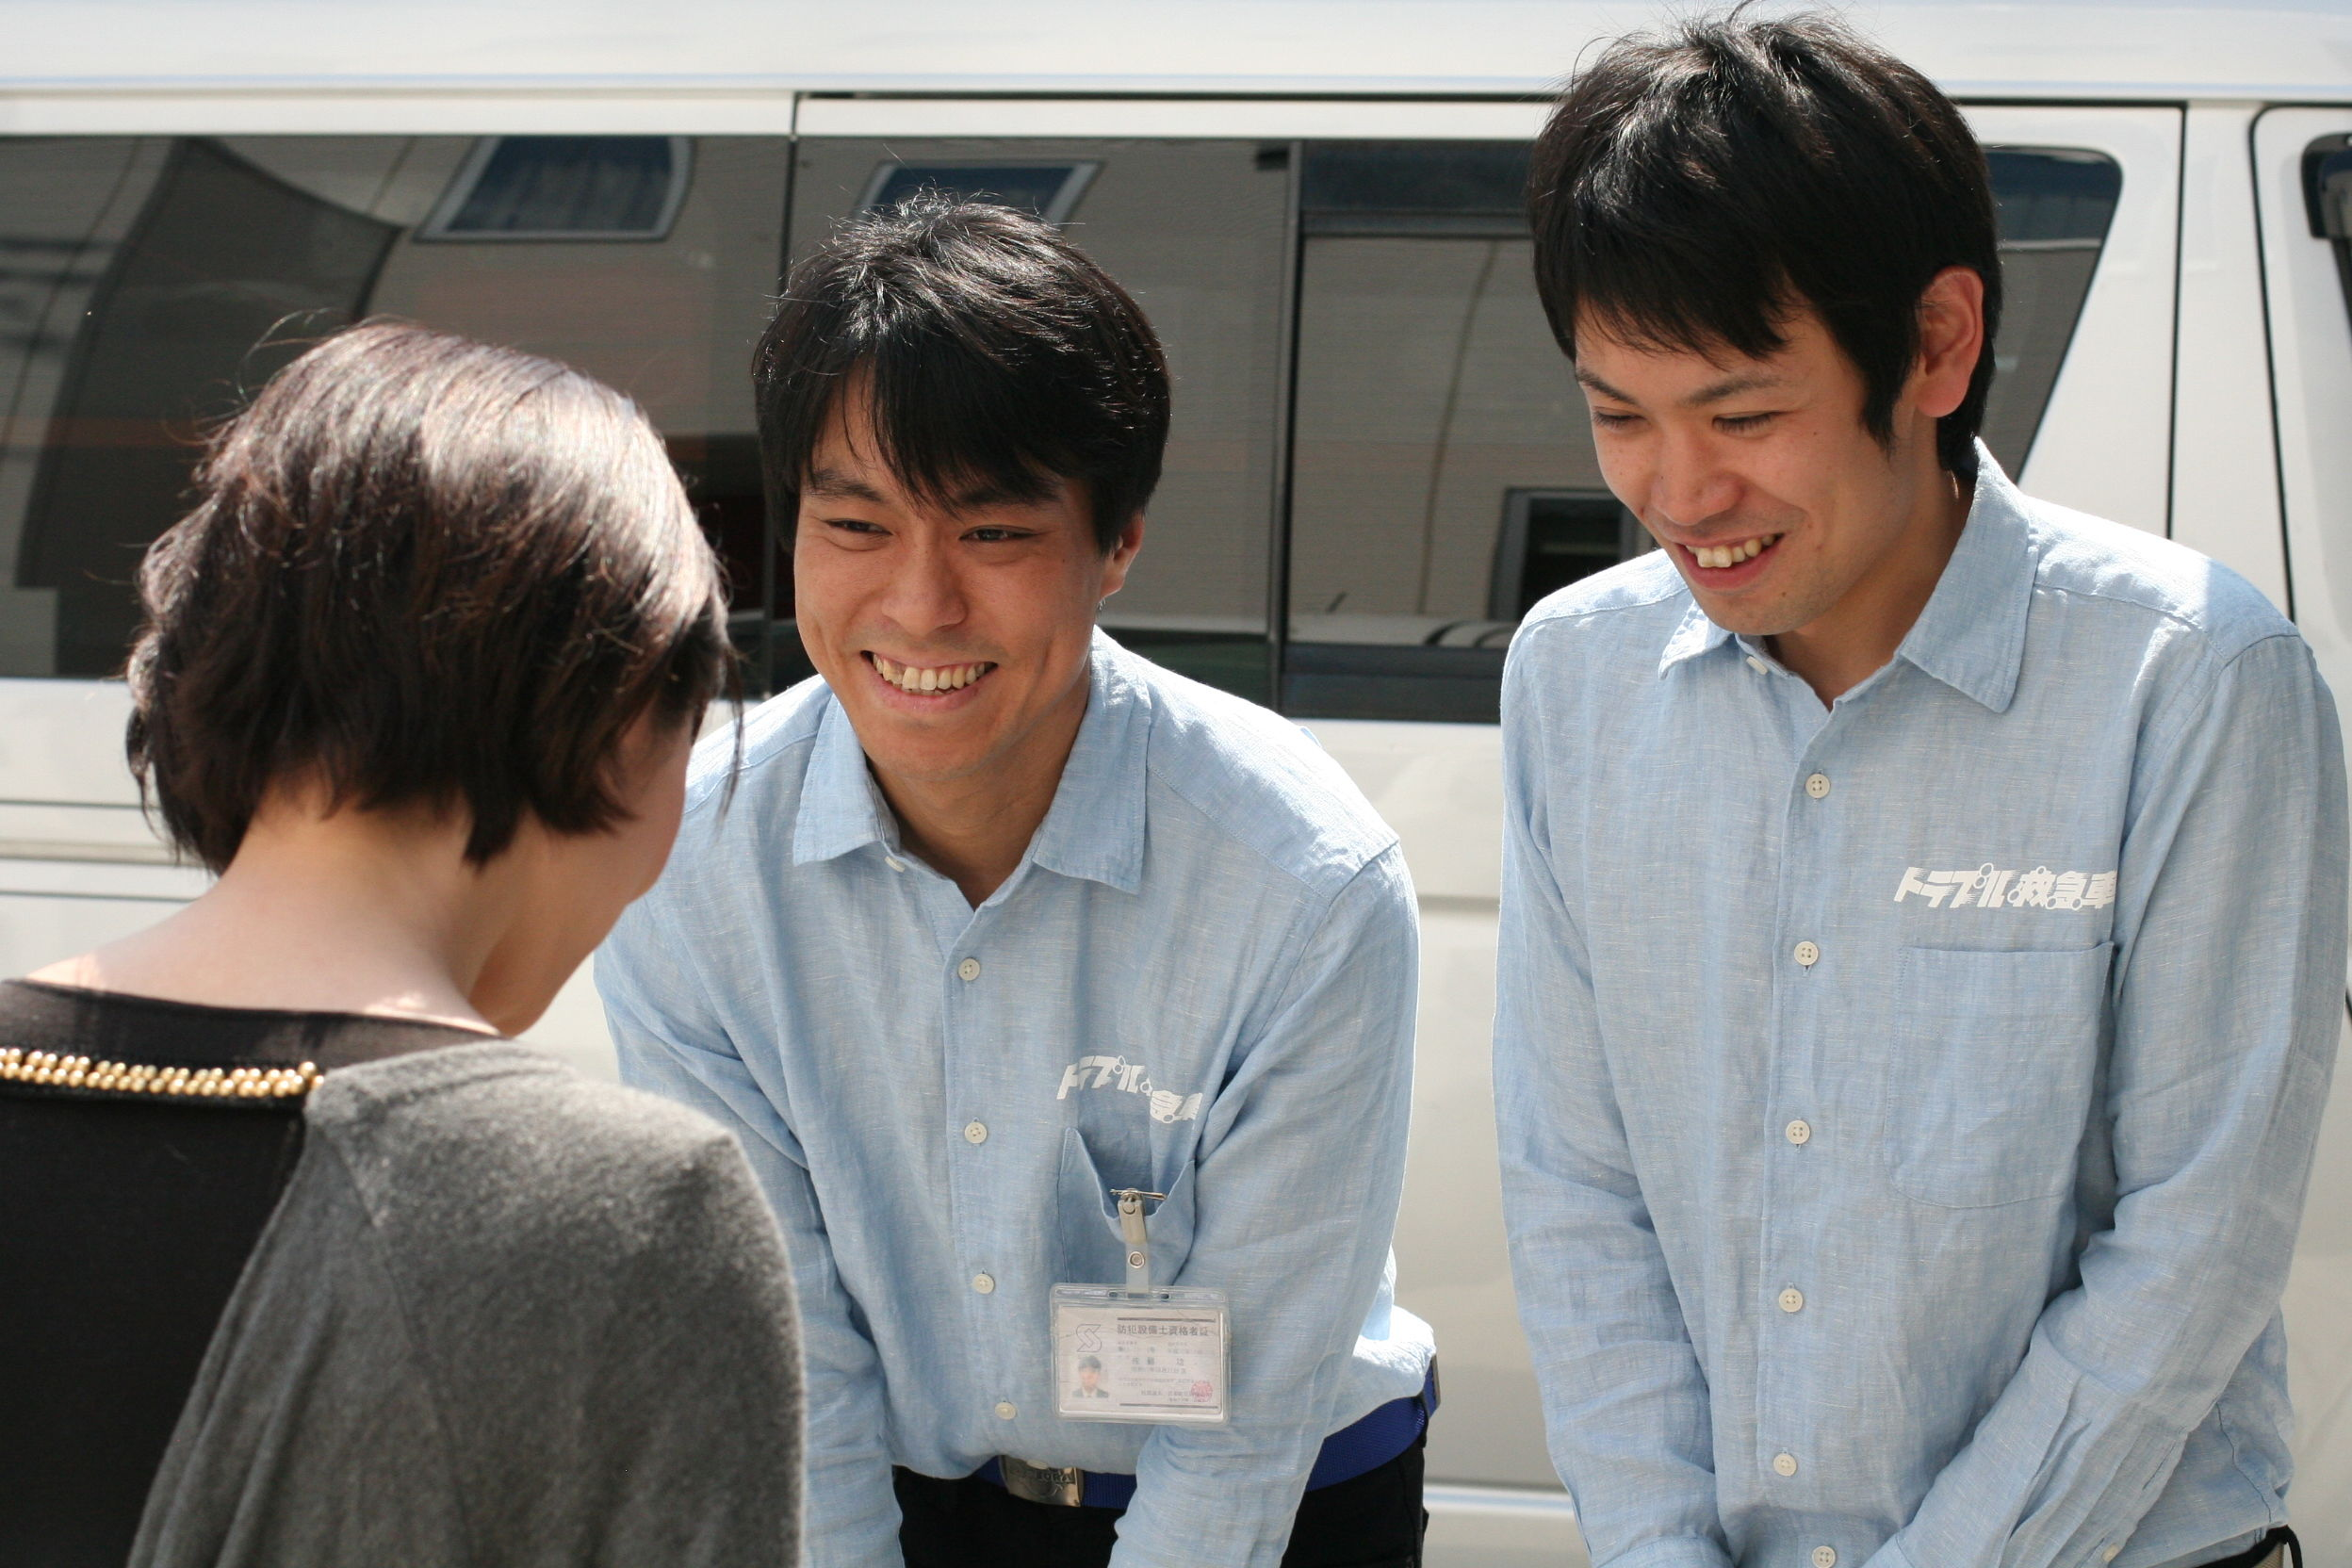 鍵のトラブル救急車【仙台市若林区 出張エリア】のアピールポイント1